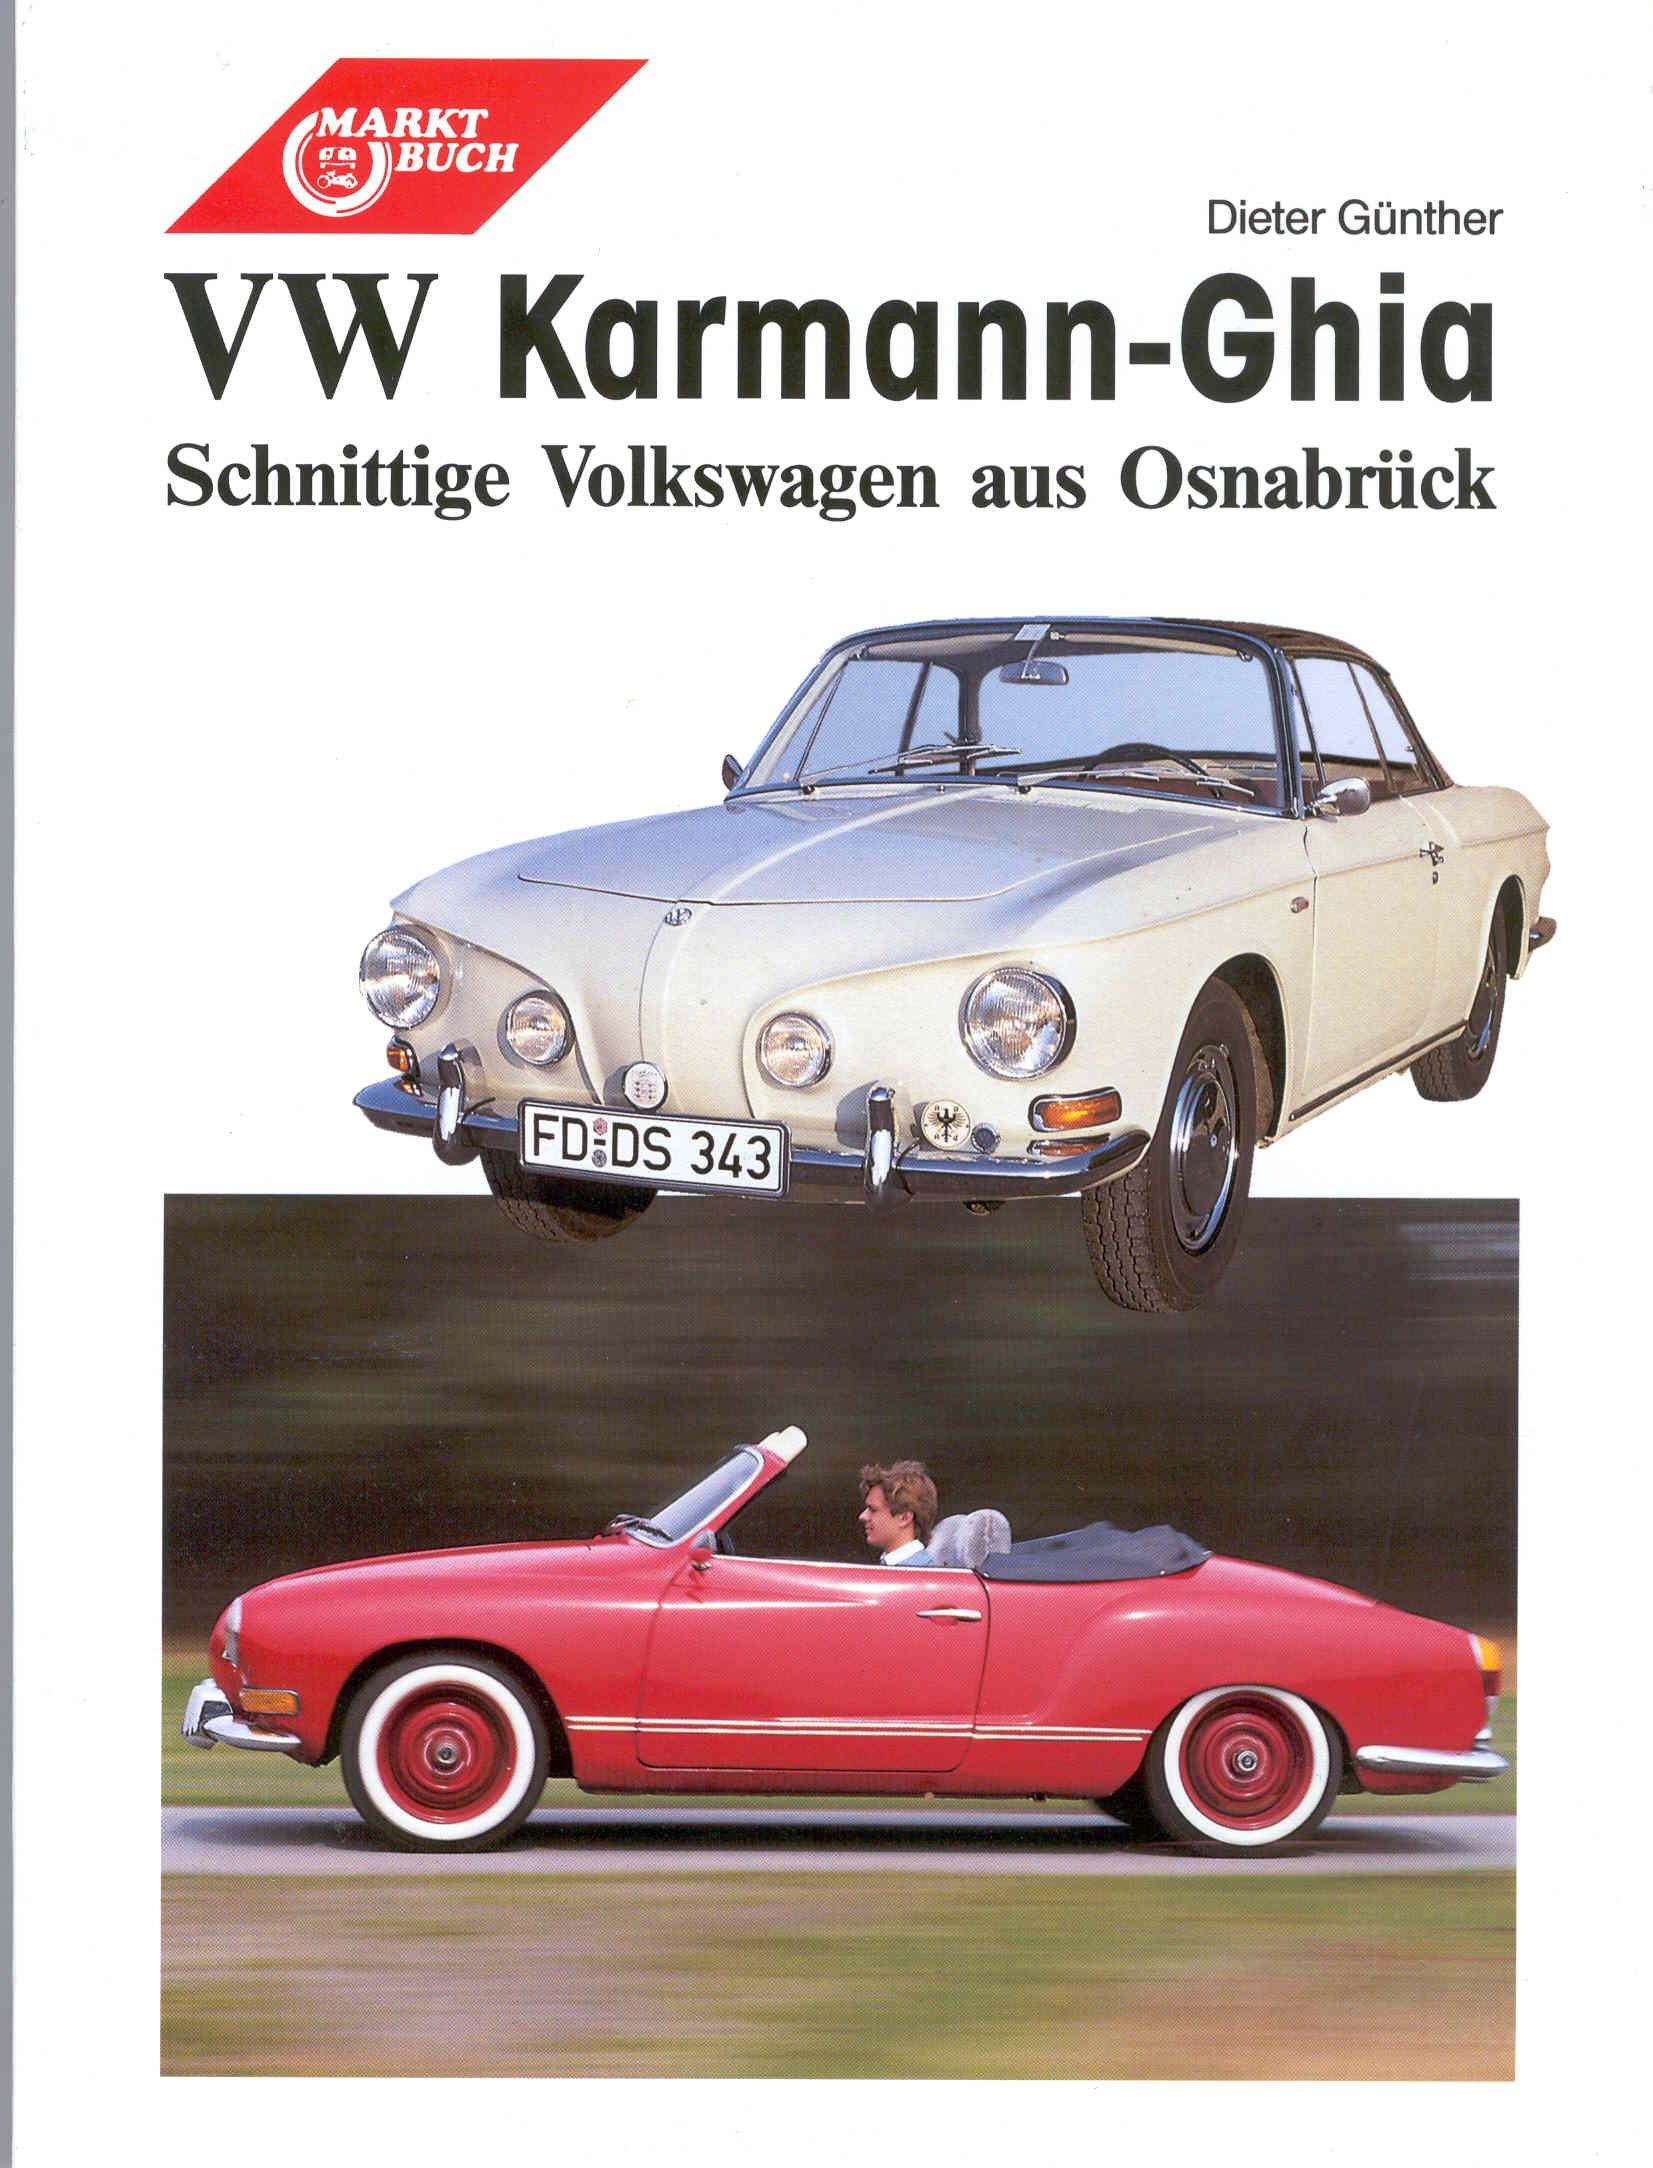 hochwertige Abdeckplane als praktische Auto-Vollgarage sch/ützende Autoabdeckung mit perfekter Passform Vollgarage Mikrokontur/® Schwarz f/ür VW Karmann Ghia